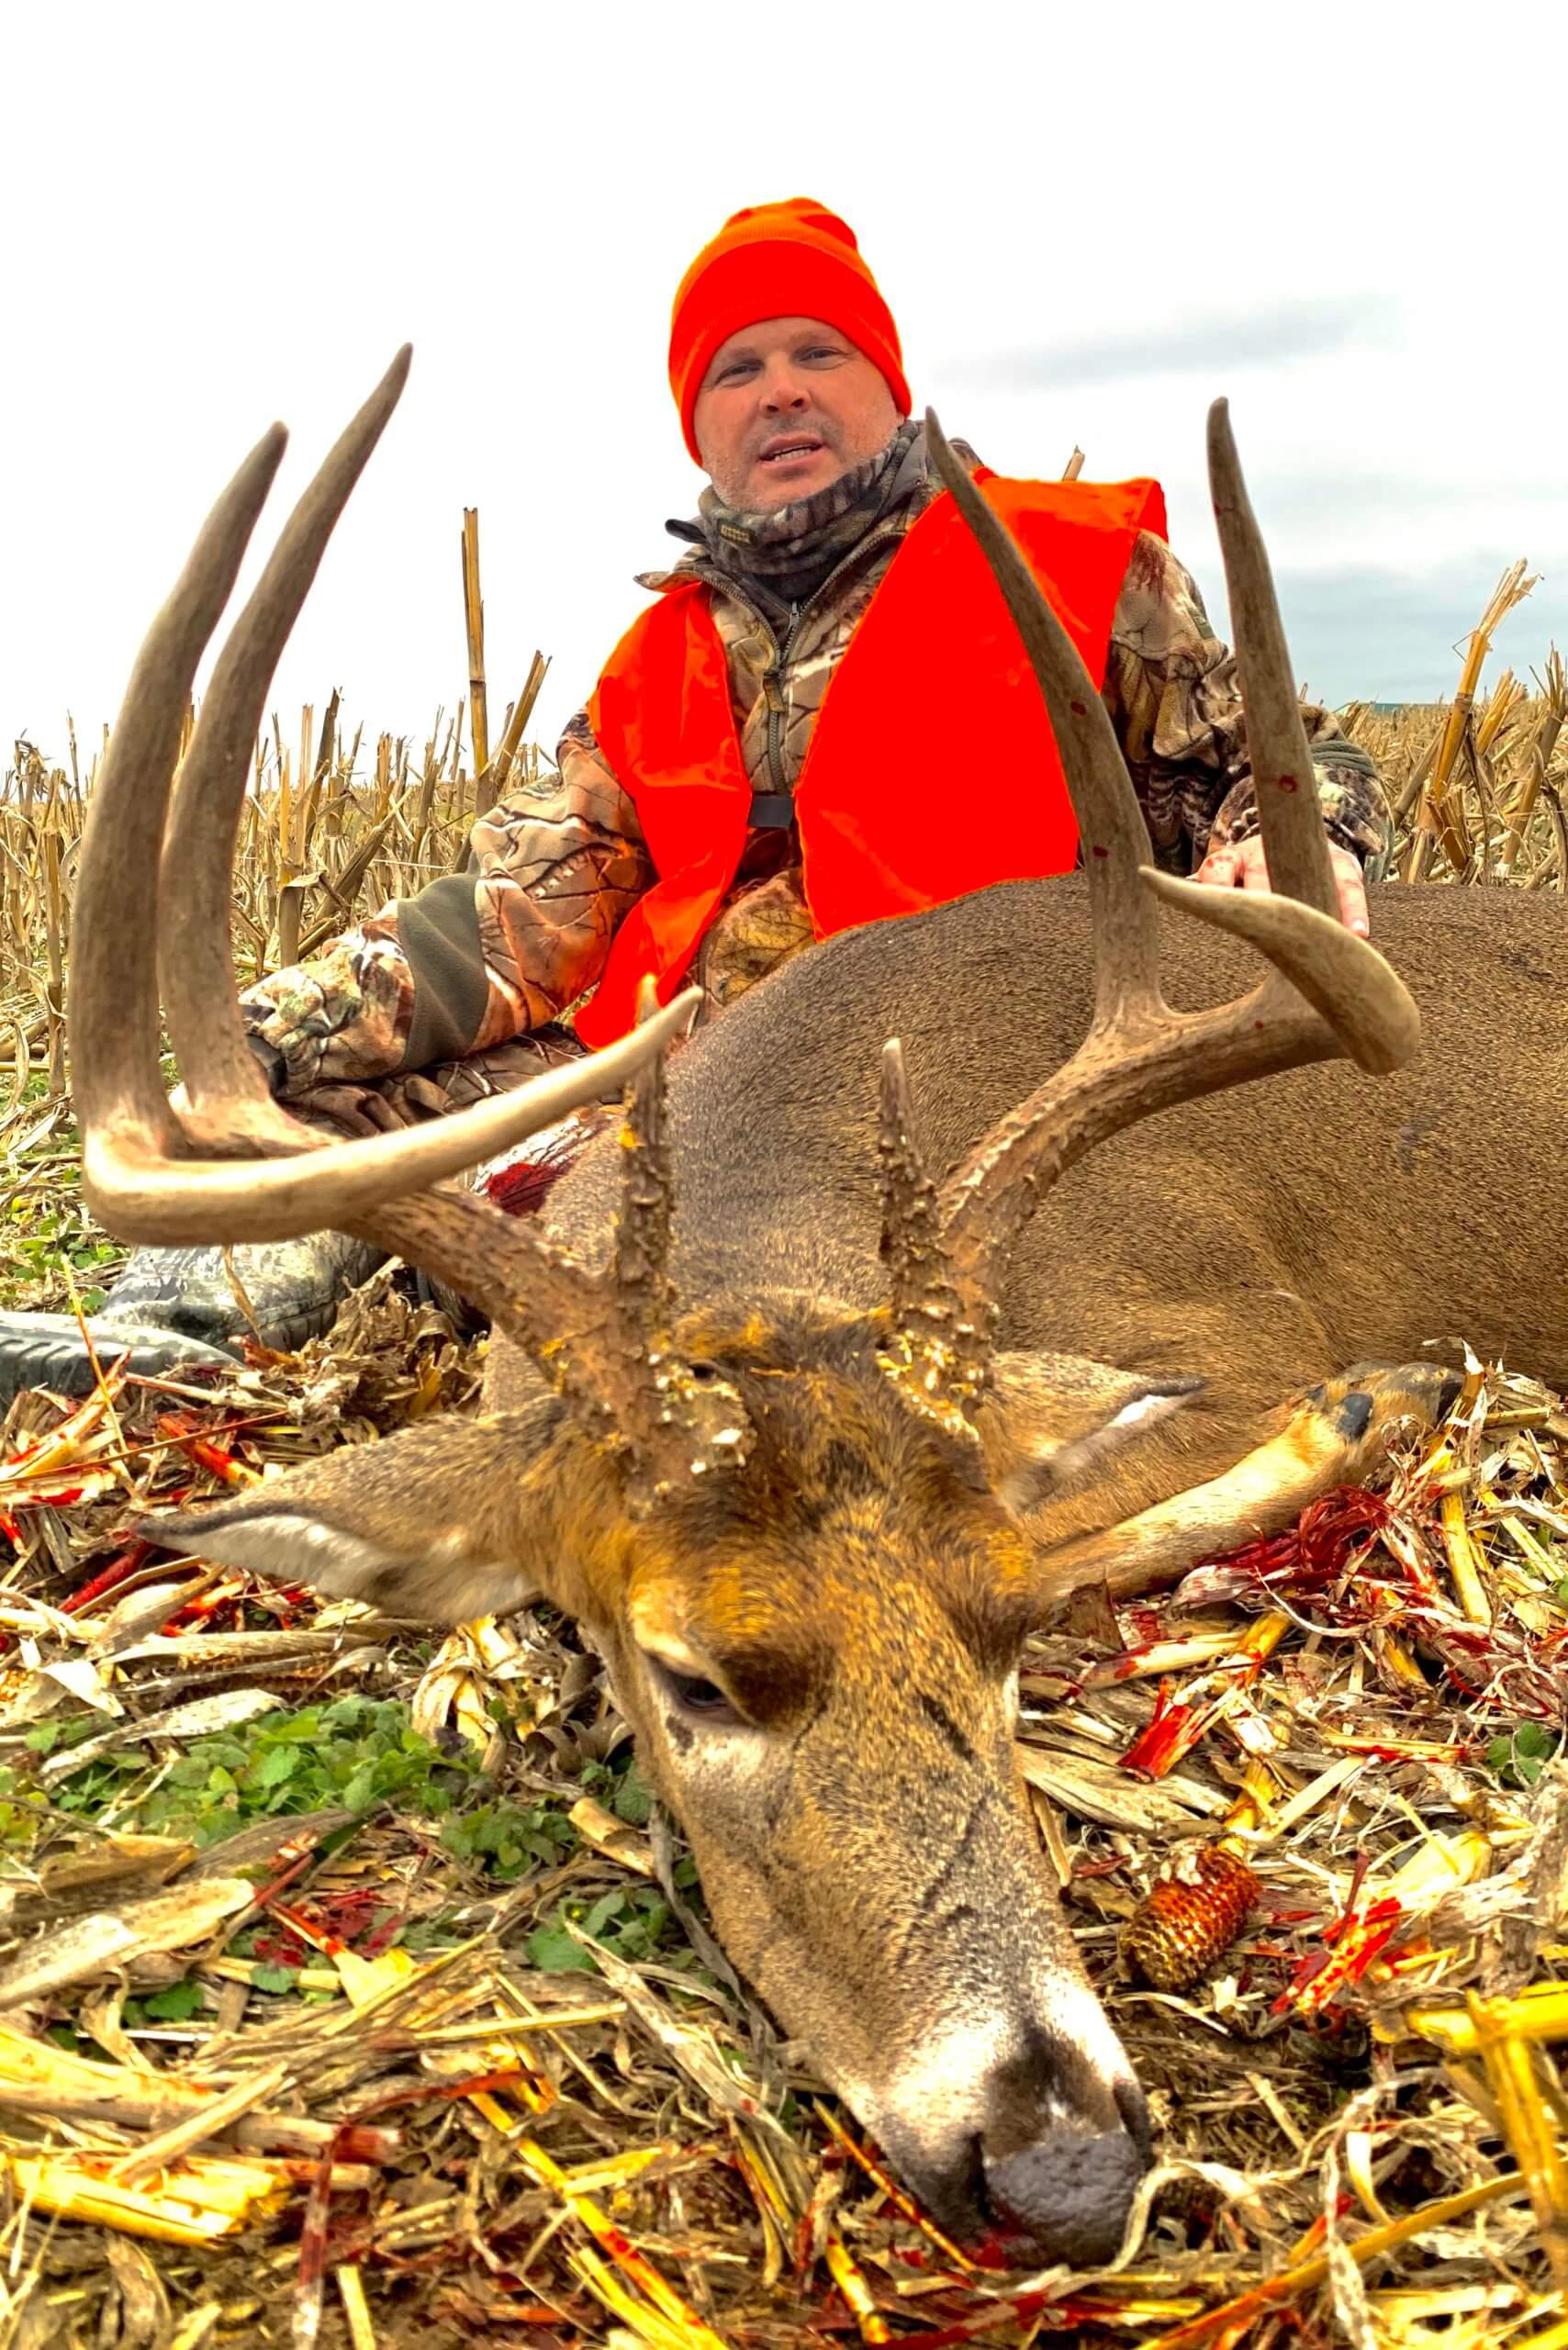 2021 Wny Whitetail Deer Rut | Calendar Printables Free Blank in Deer Hunting Calendar